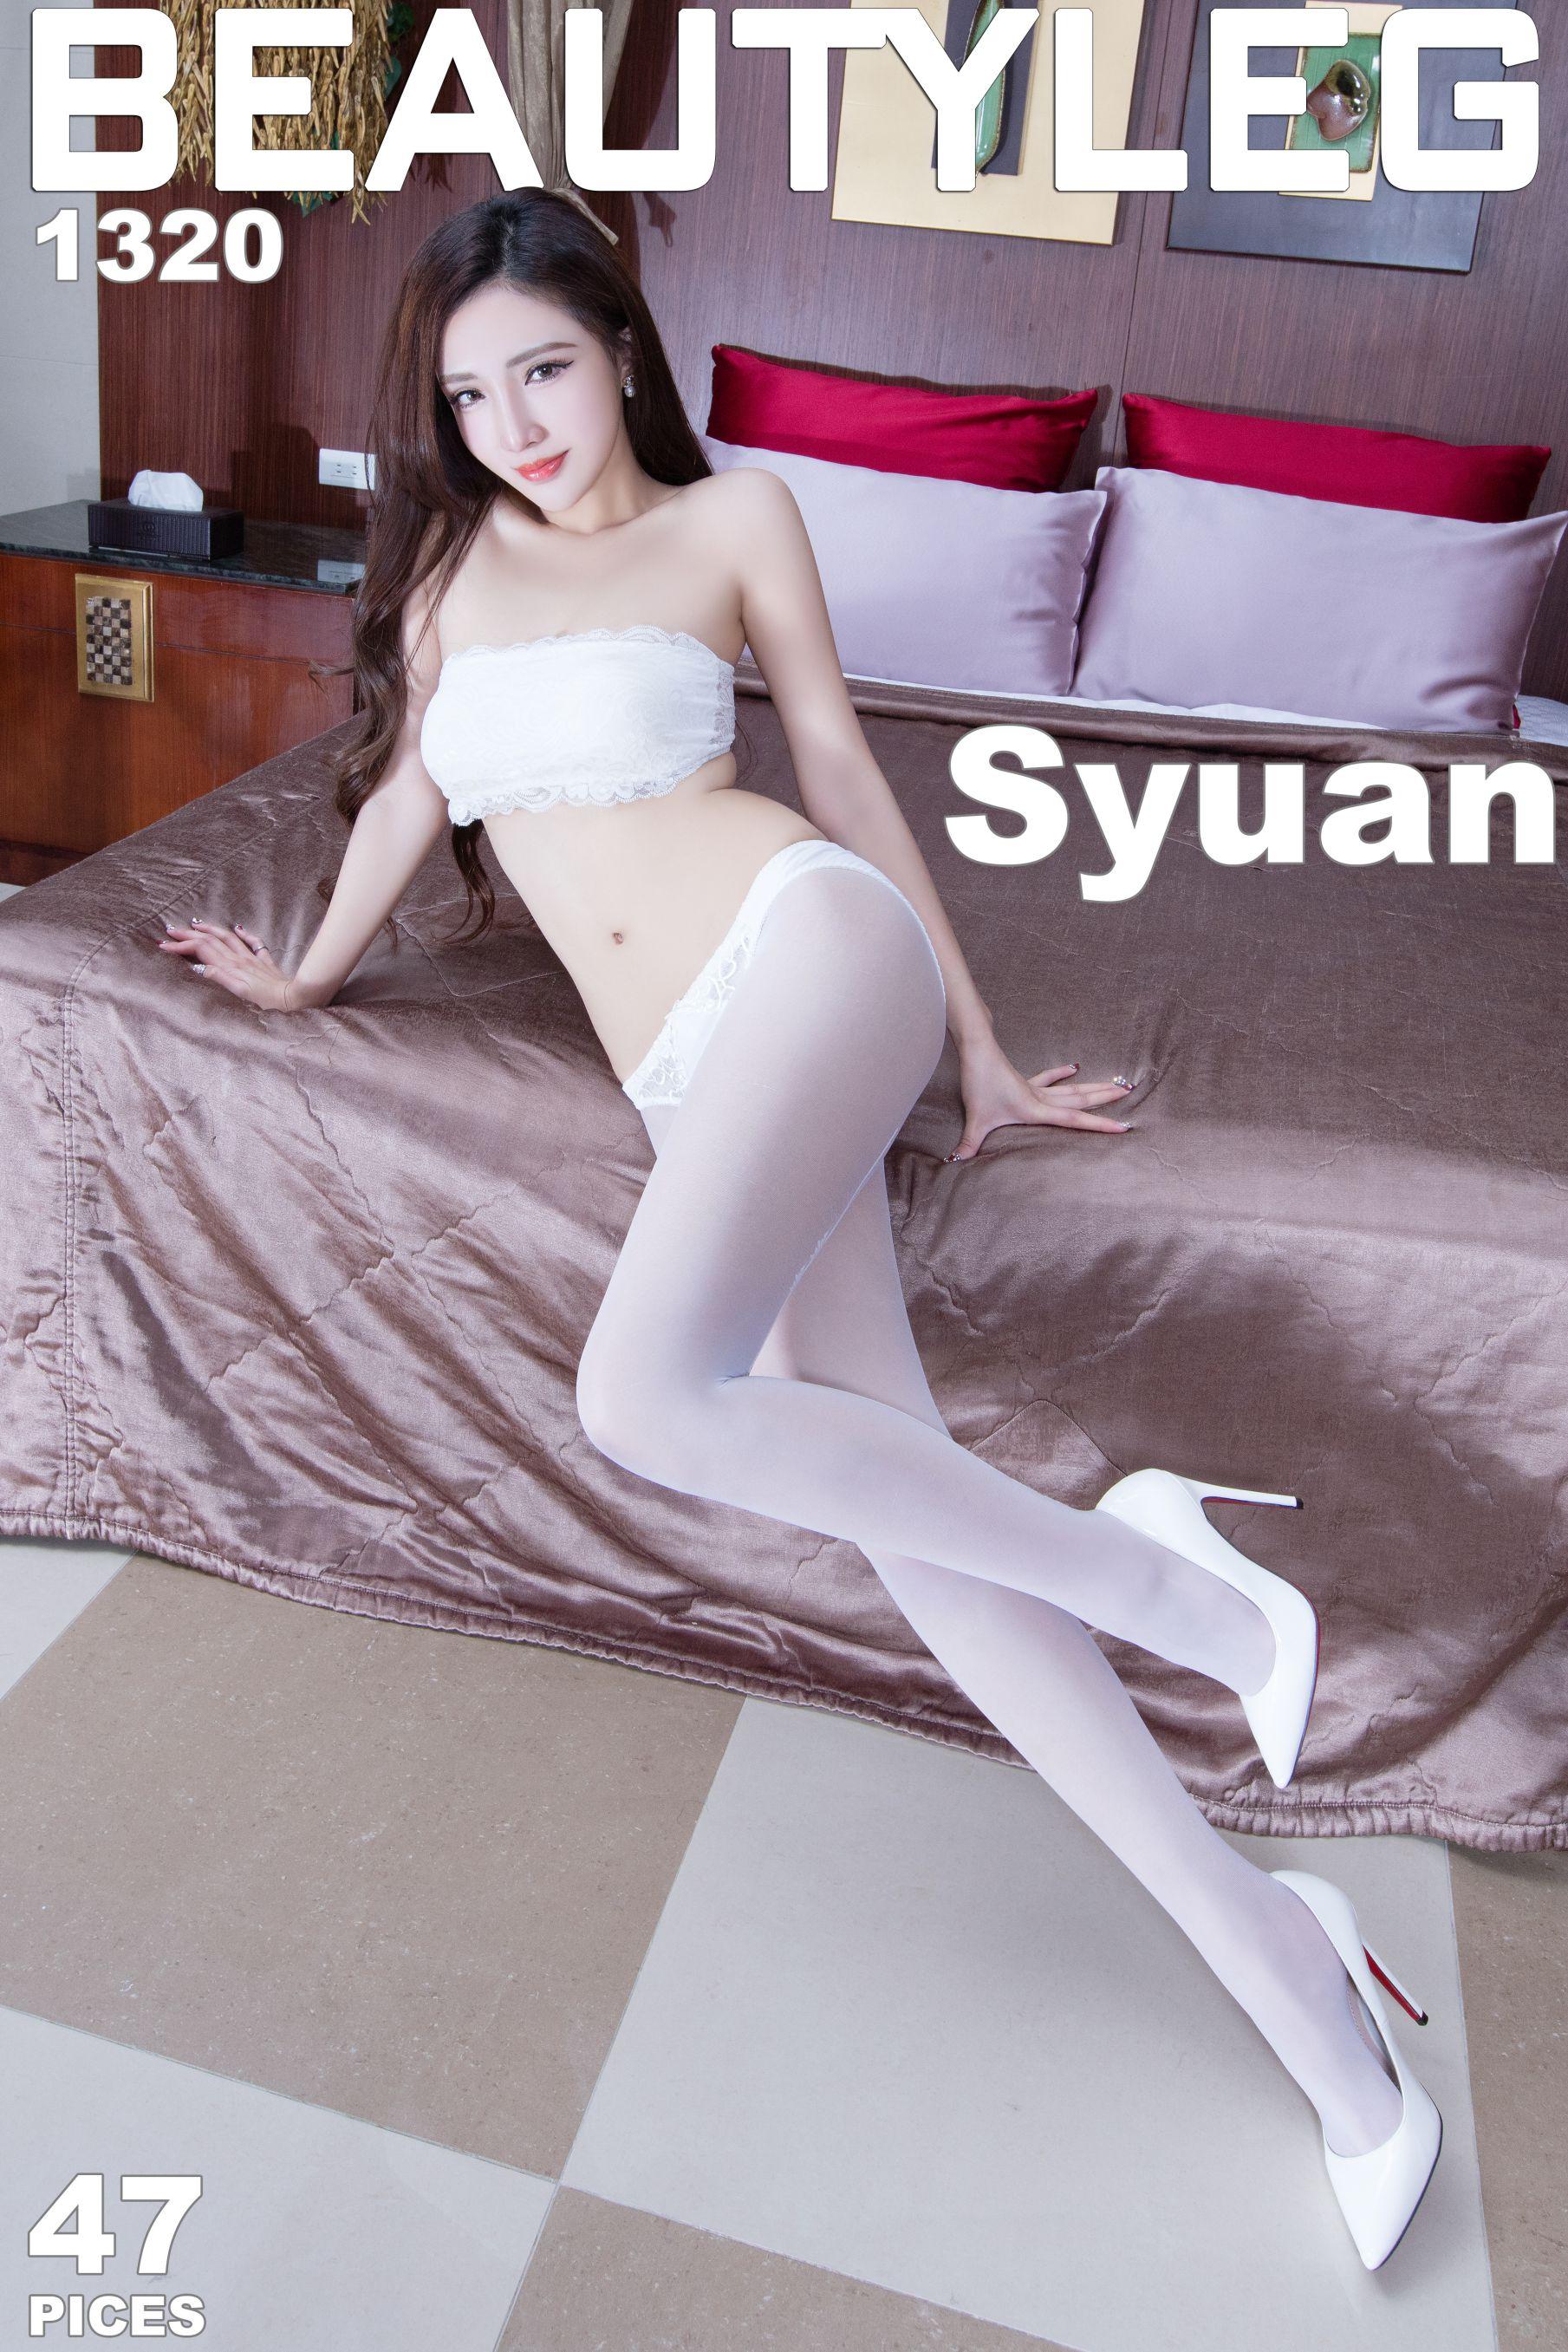 VOL.46 [Beautyleg]美腿白丝:赵芸(腿模Syuan,Syuan赵芸)高品质写真套图(42P)